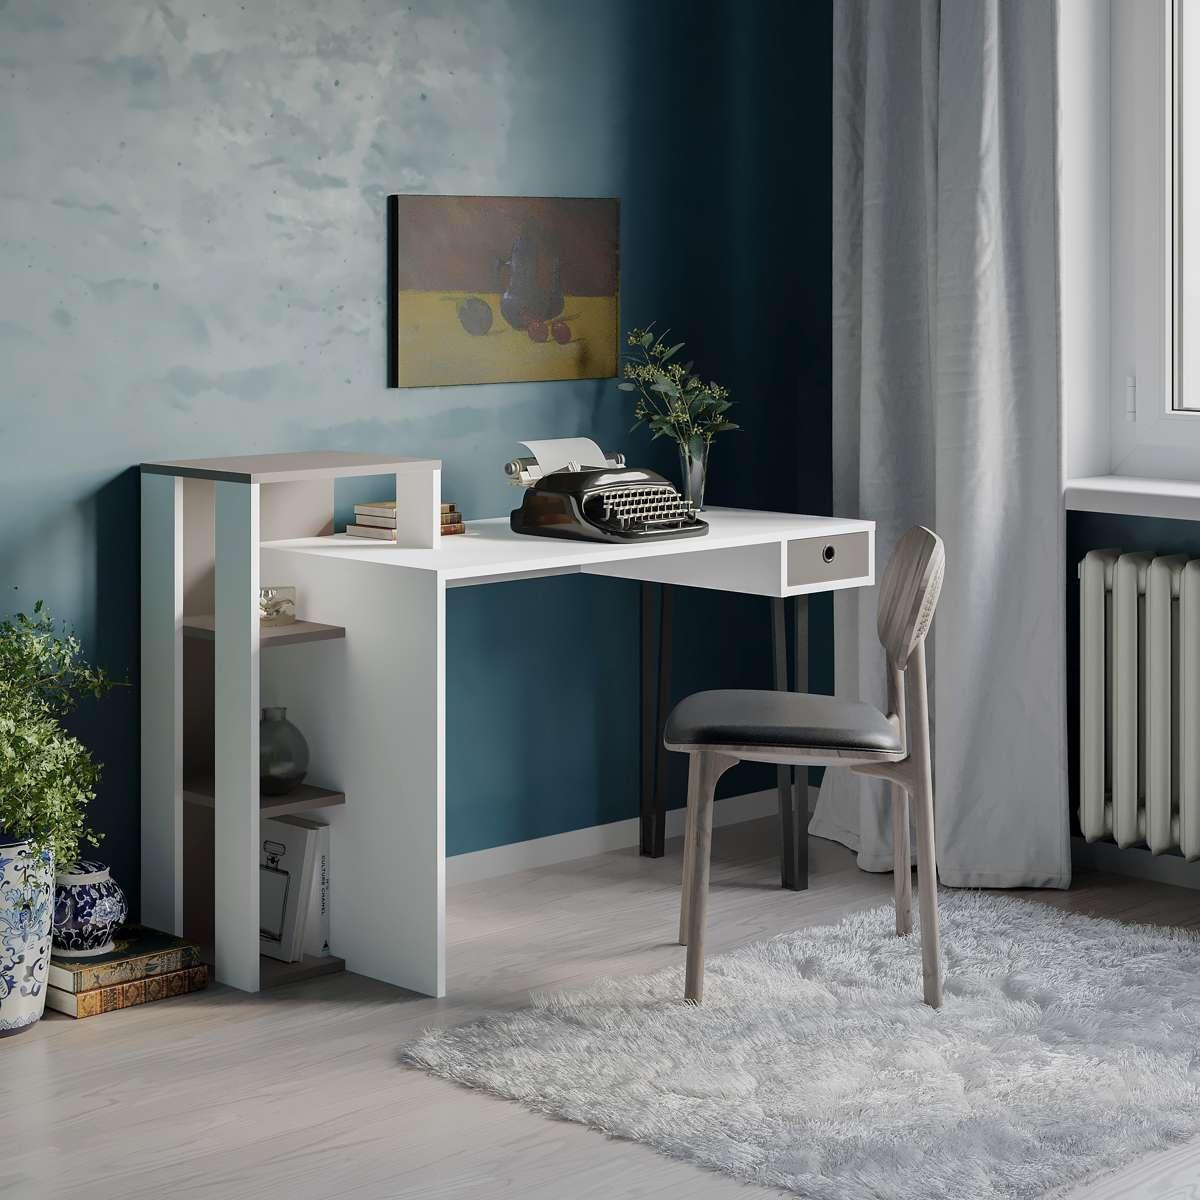 שולחן כתיבה Loyd Study Table לבן/מוקה מסדרת Decoline